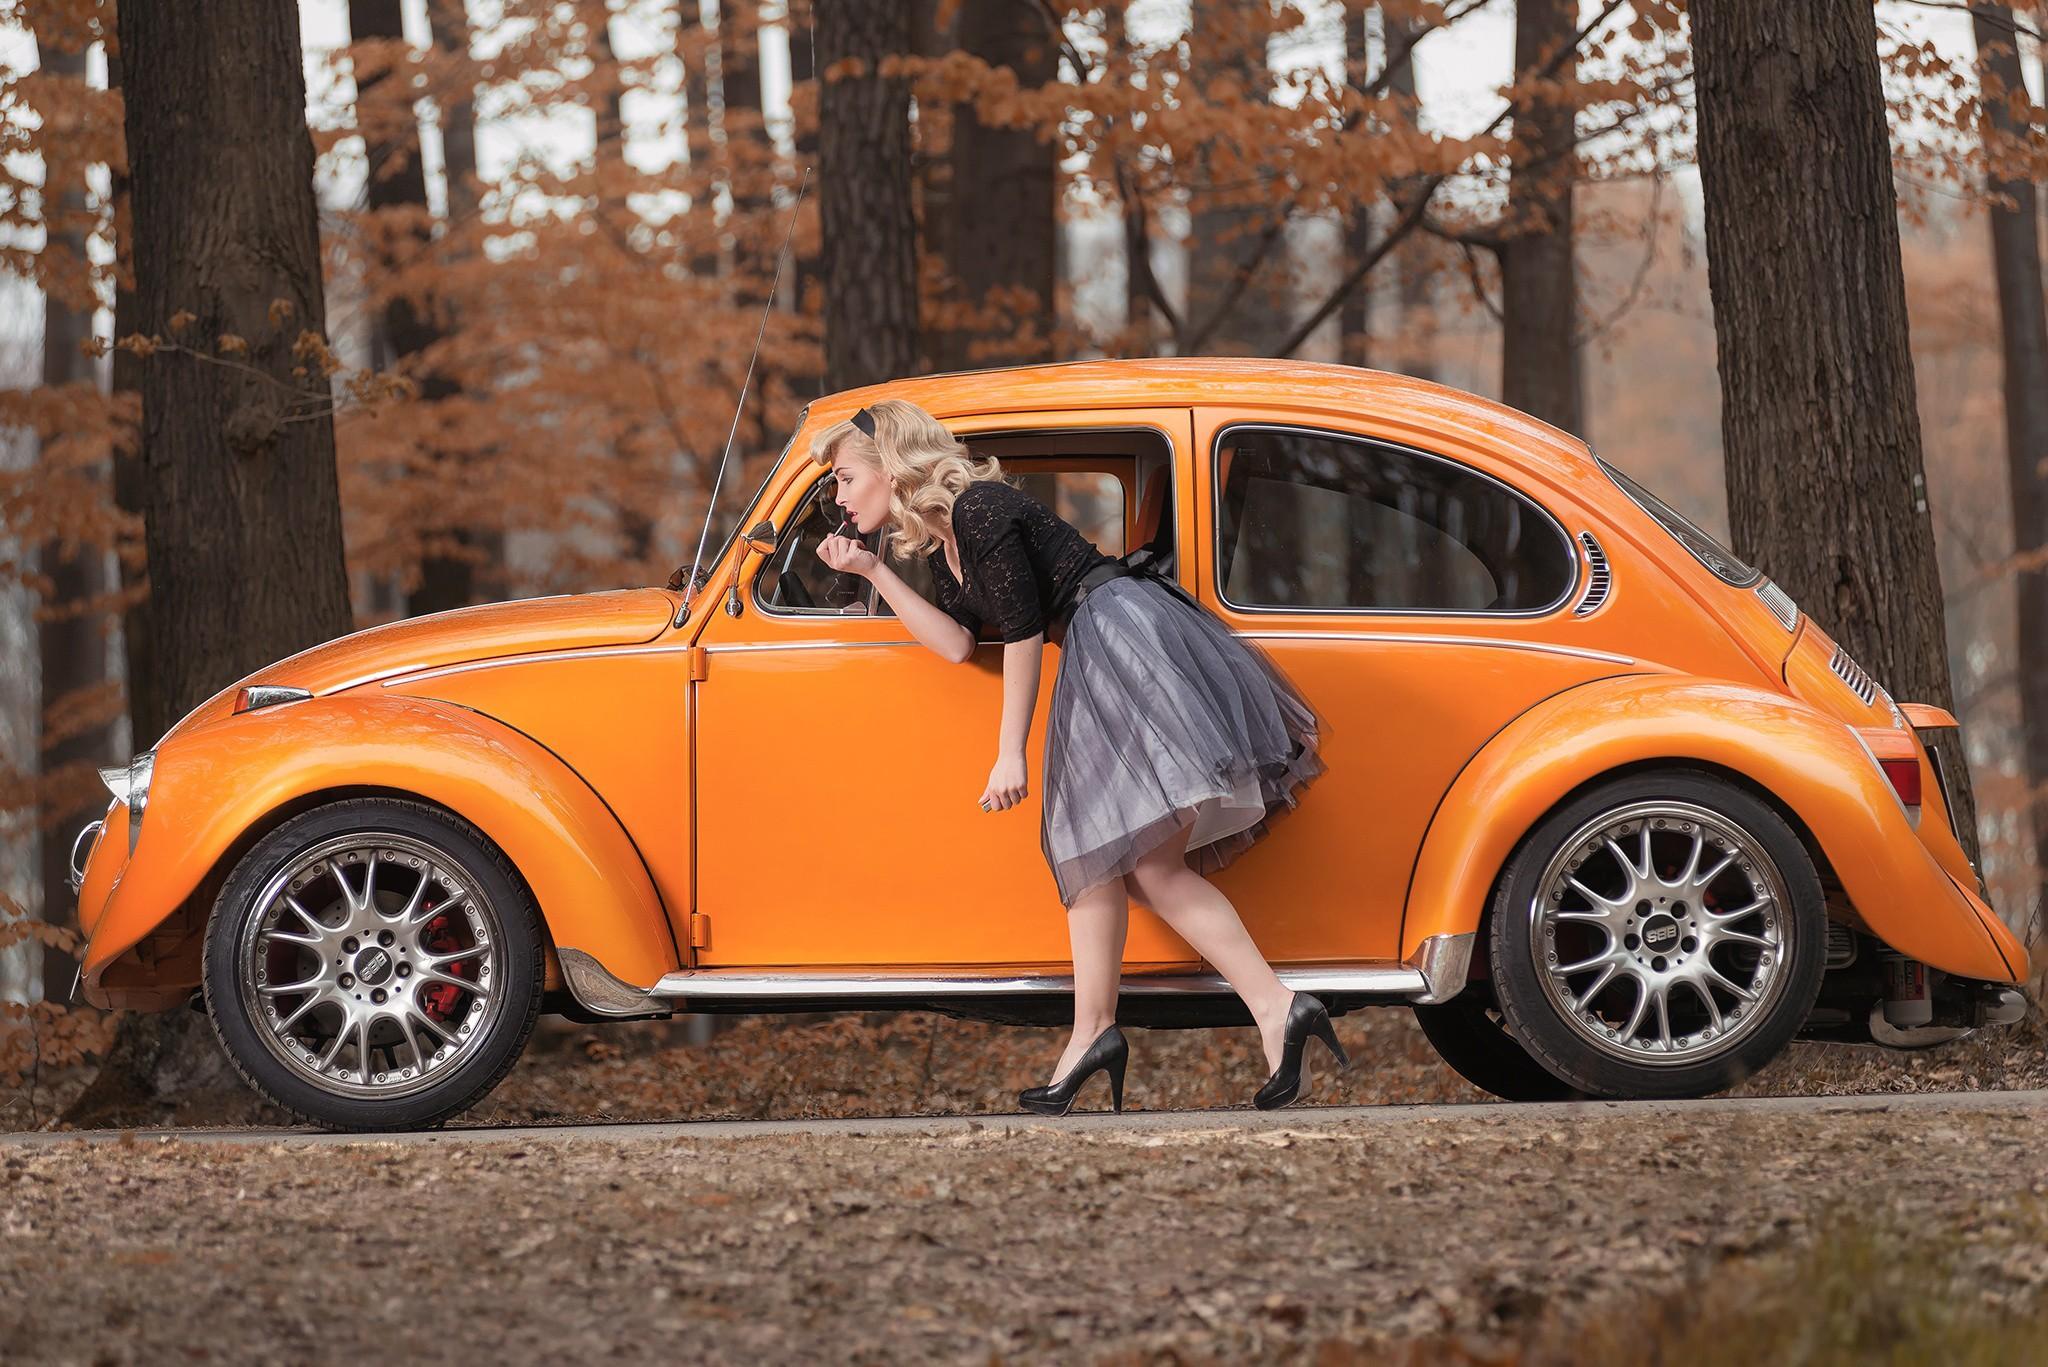 иди картинки машины для дам вокруг которых